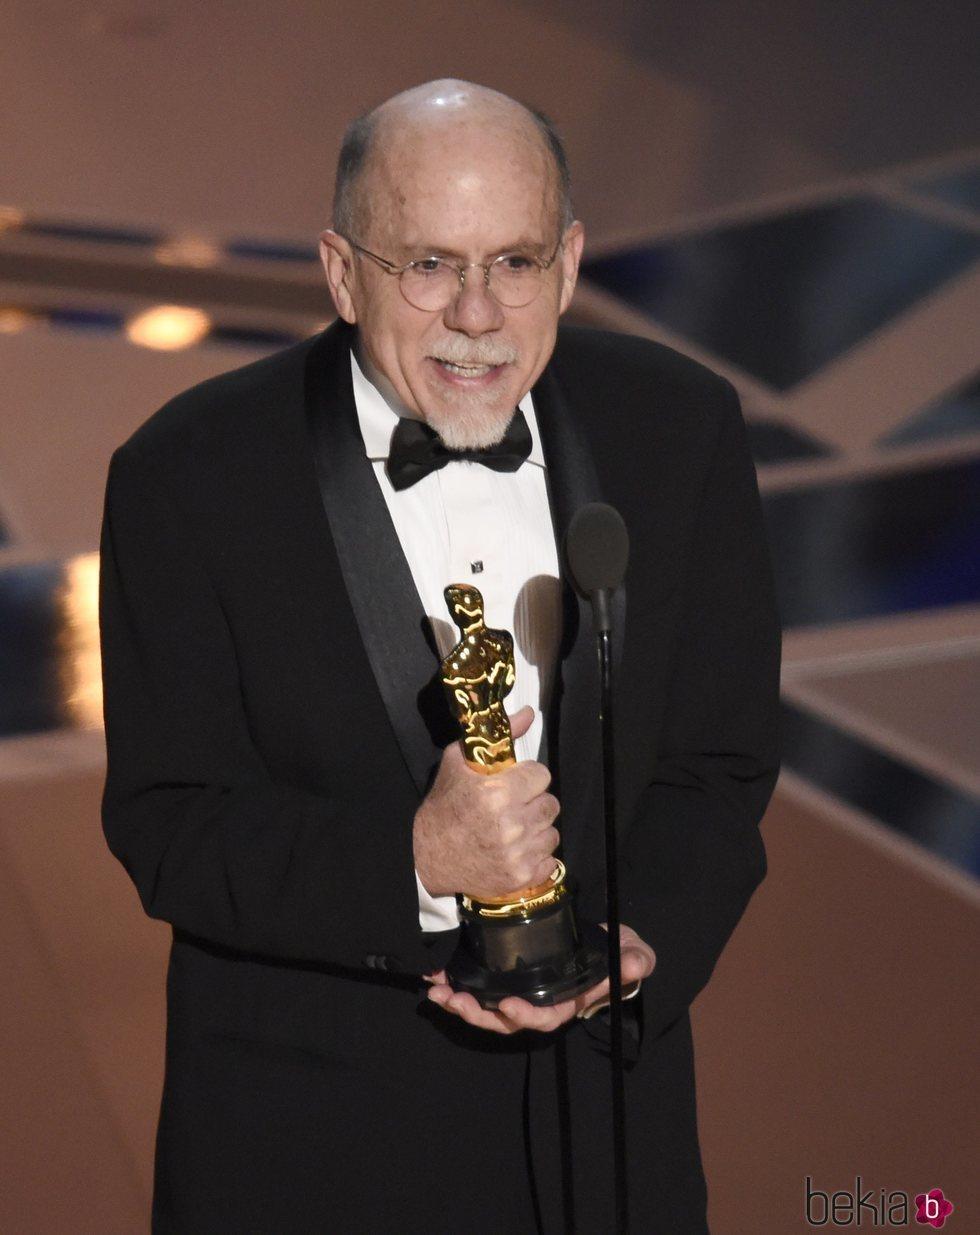 Richard King gana el Oscar 2018 a la mejor edición de sonido